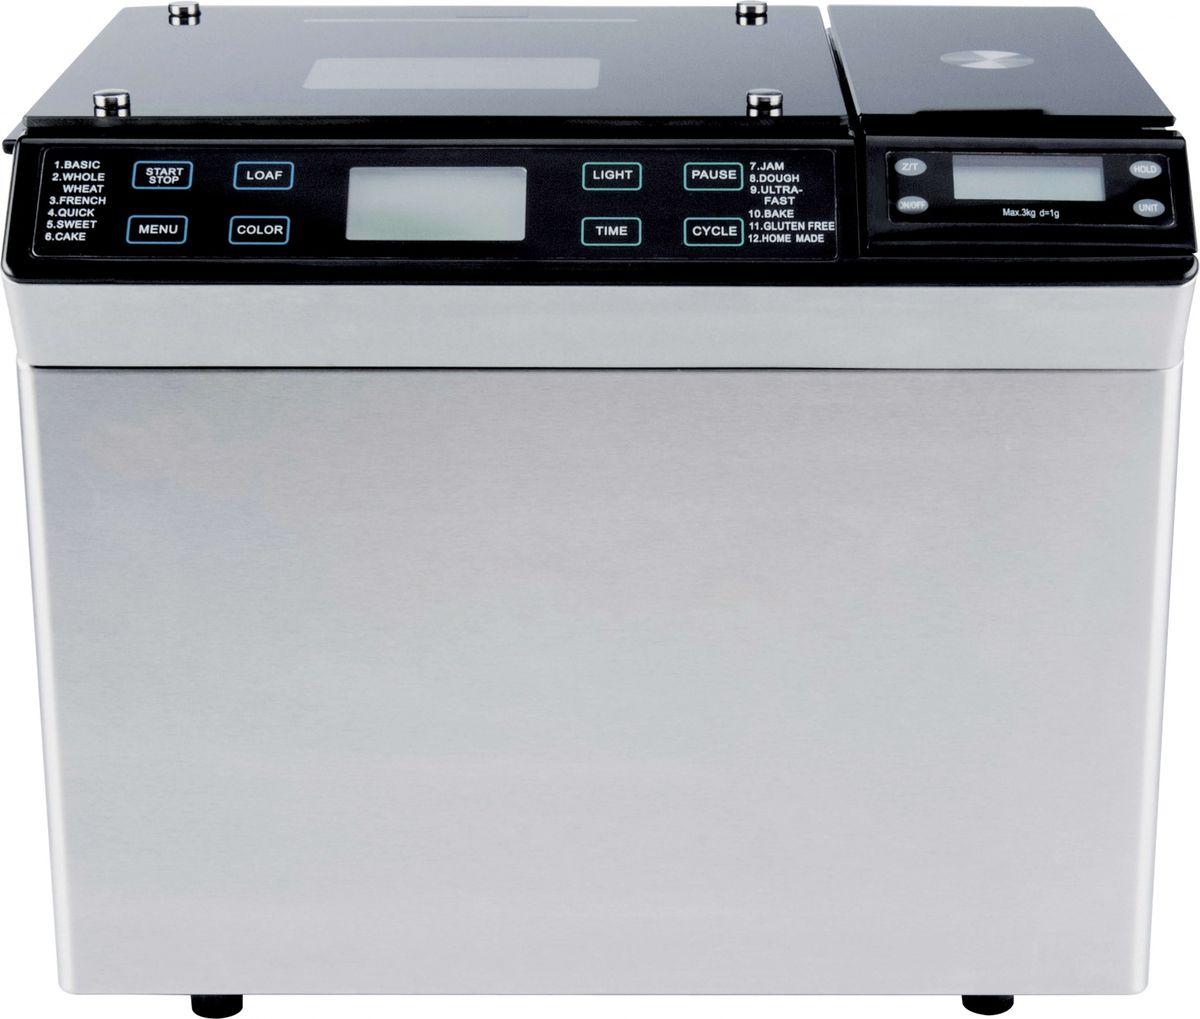 Gemlux GL-BM-999W хлебопечкаGL-BM-999WХлебопечка Gemlux GL-BM-999W12 программ, вес буханки 500/750/900 г, 3 варианта цвета корочки, подогрев 60 мин, отложенный старт до 13 ч, в комплекте мерный стакан, мерная ложка, лопасть для замеса, весы, дозатор ингредиентов